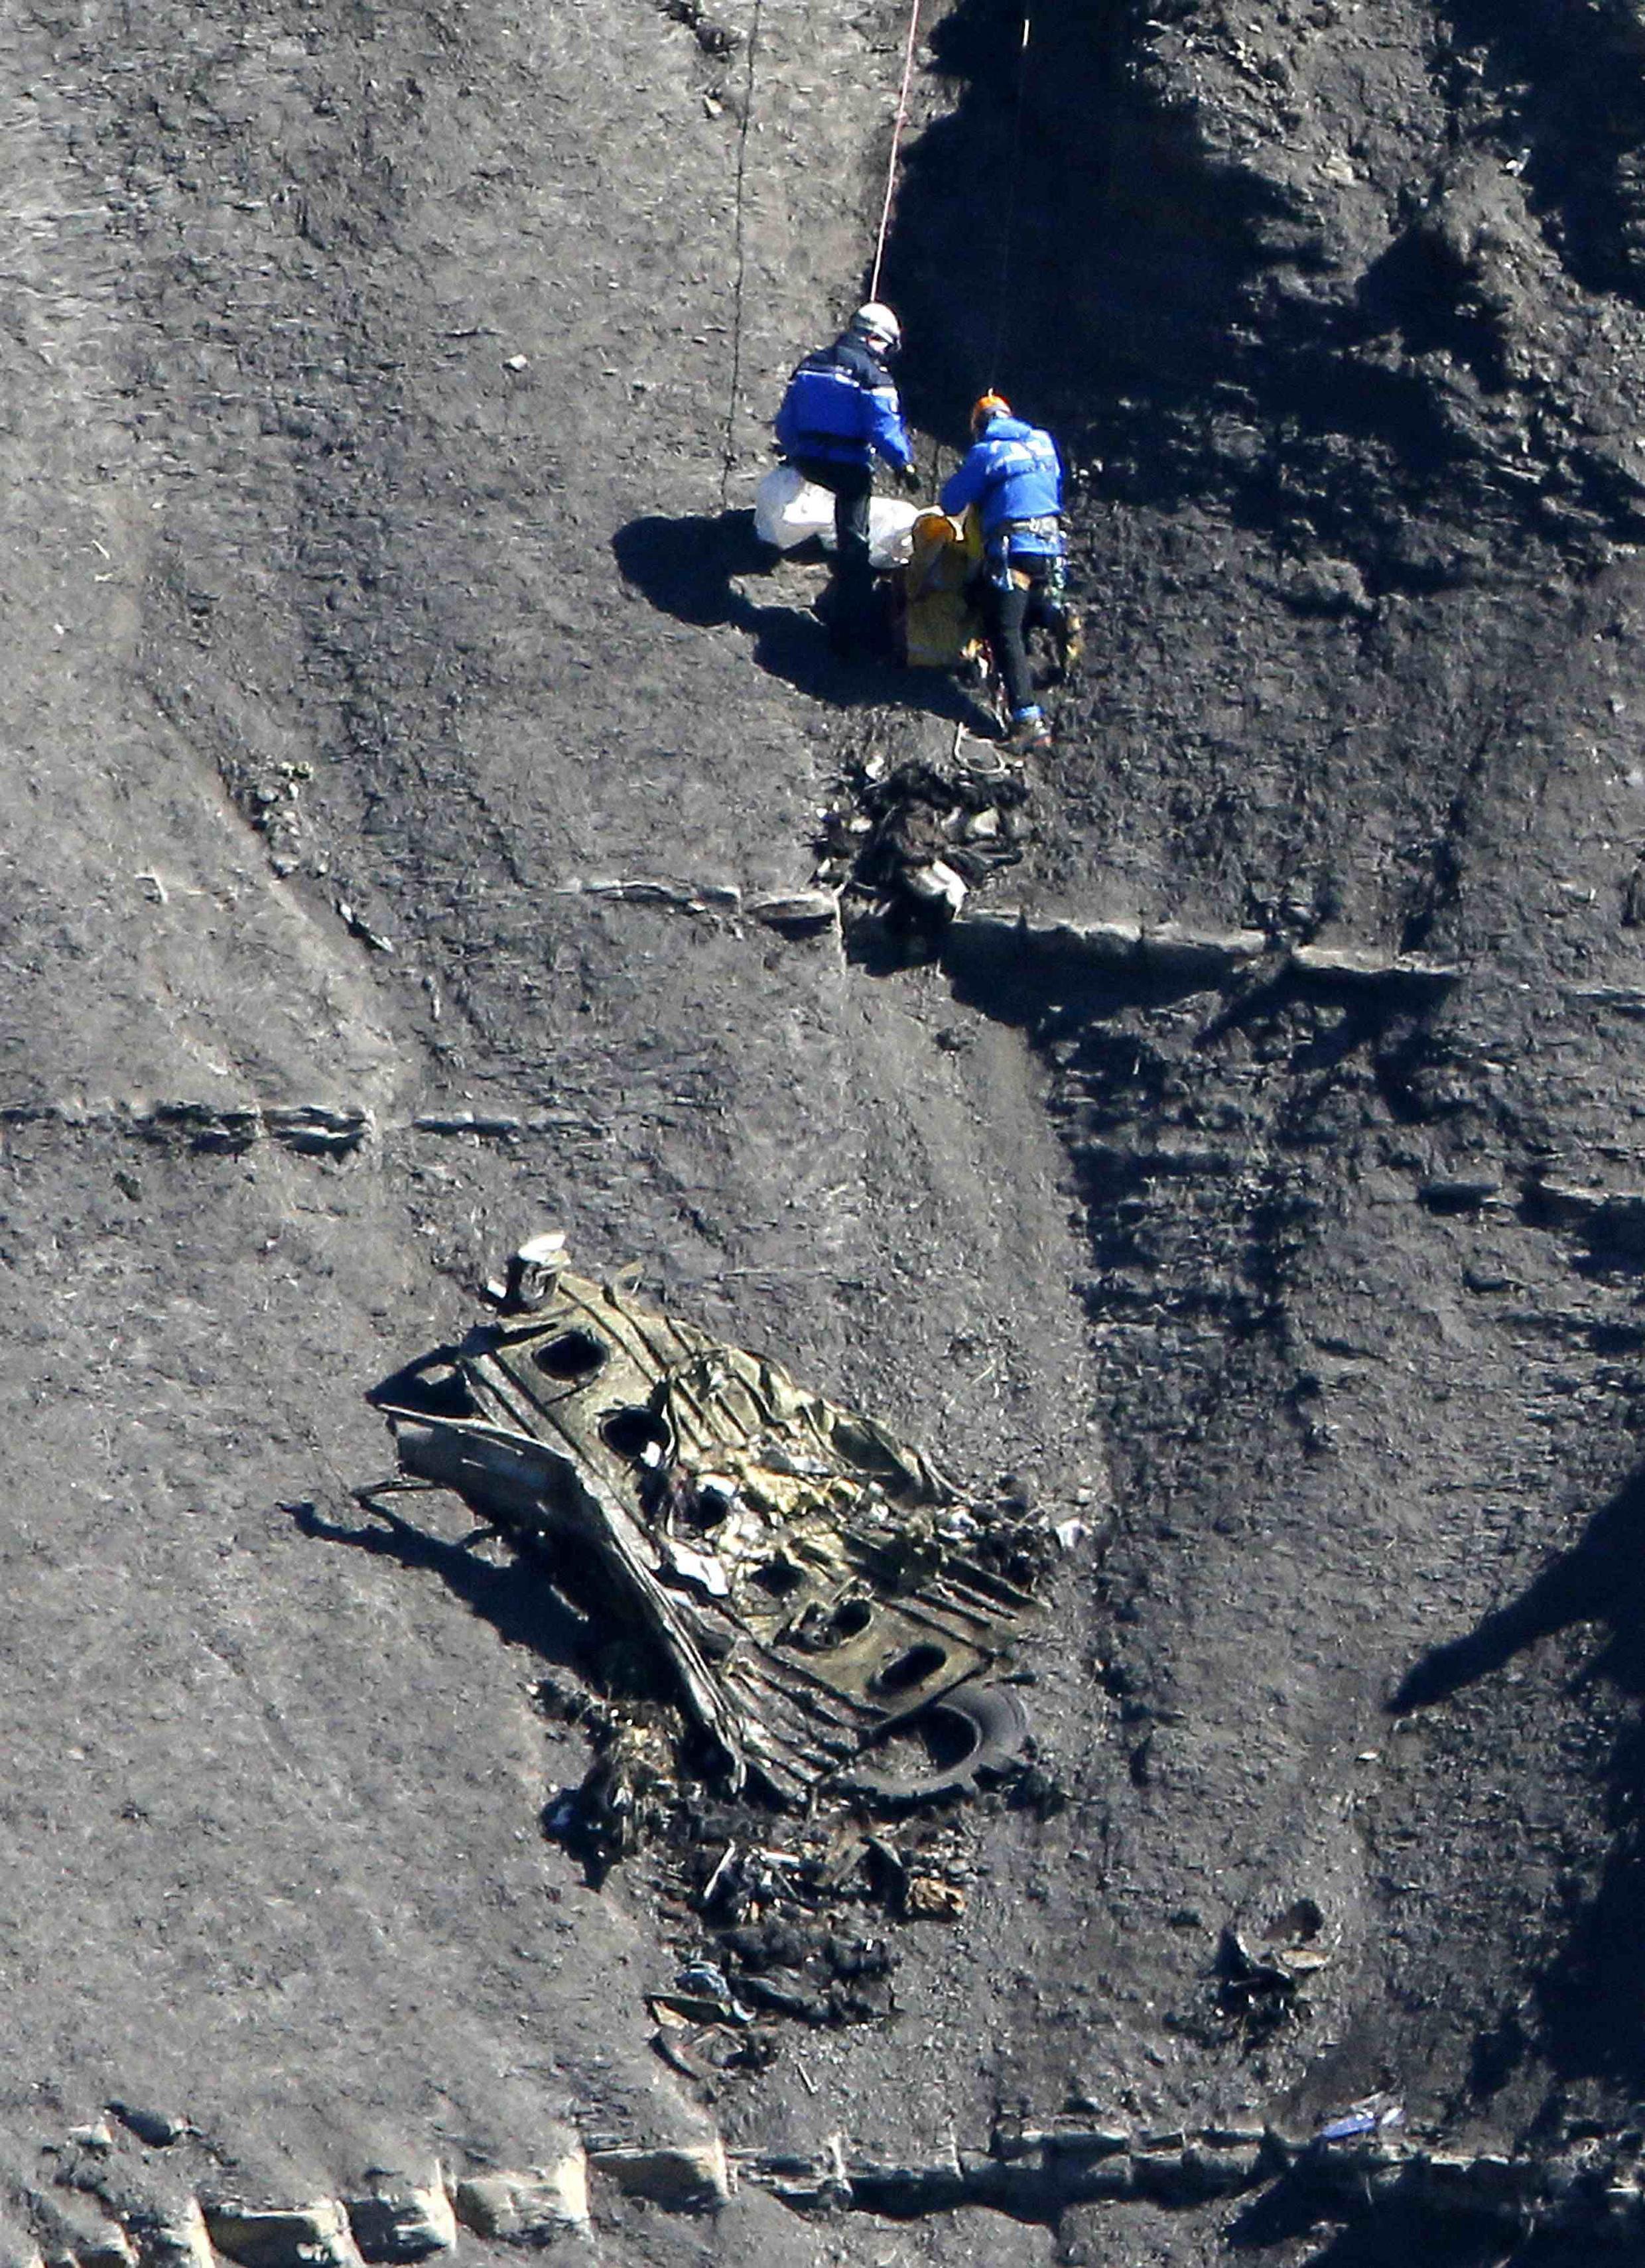 Equipes de buscas no local do acidente com o voo da Germanwings.